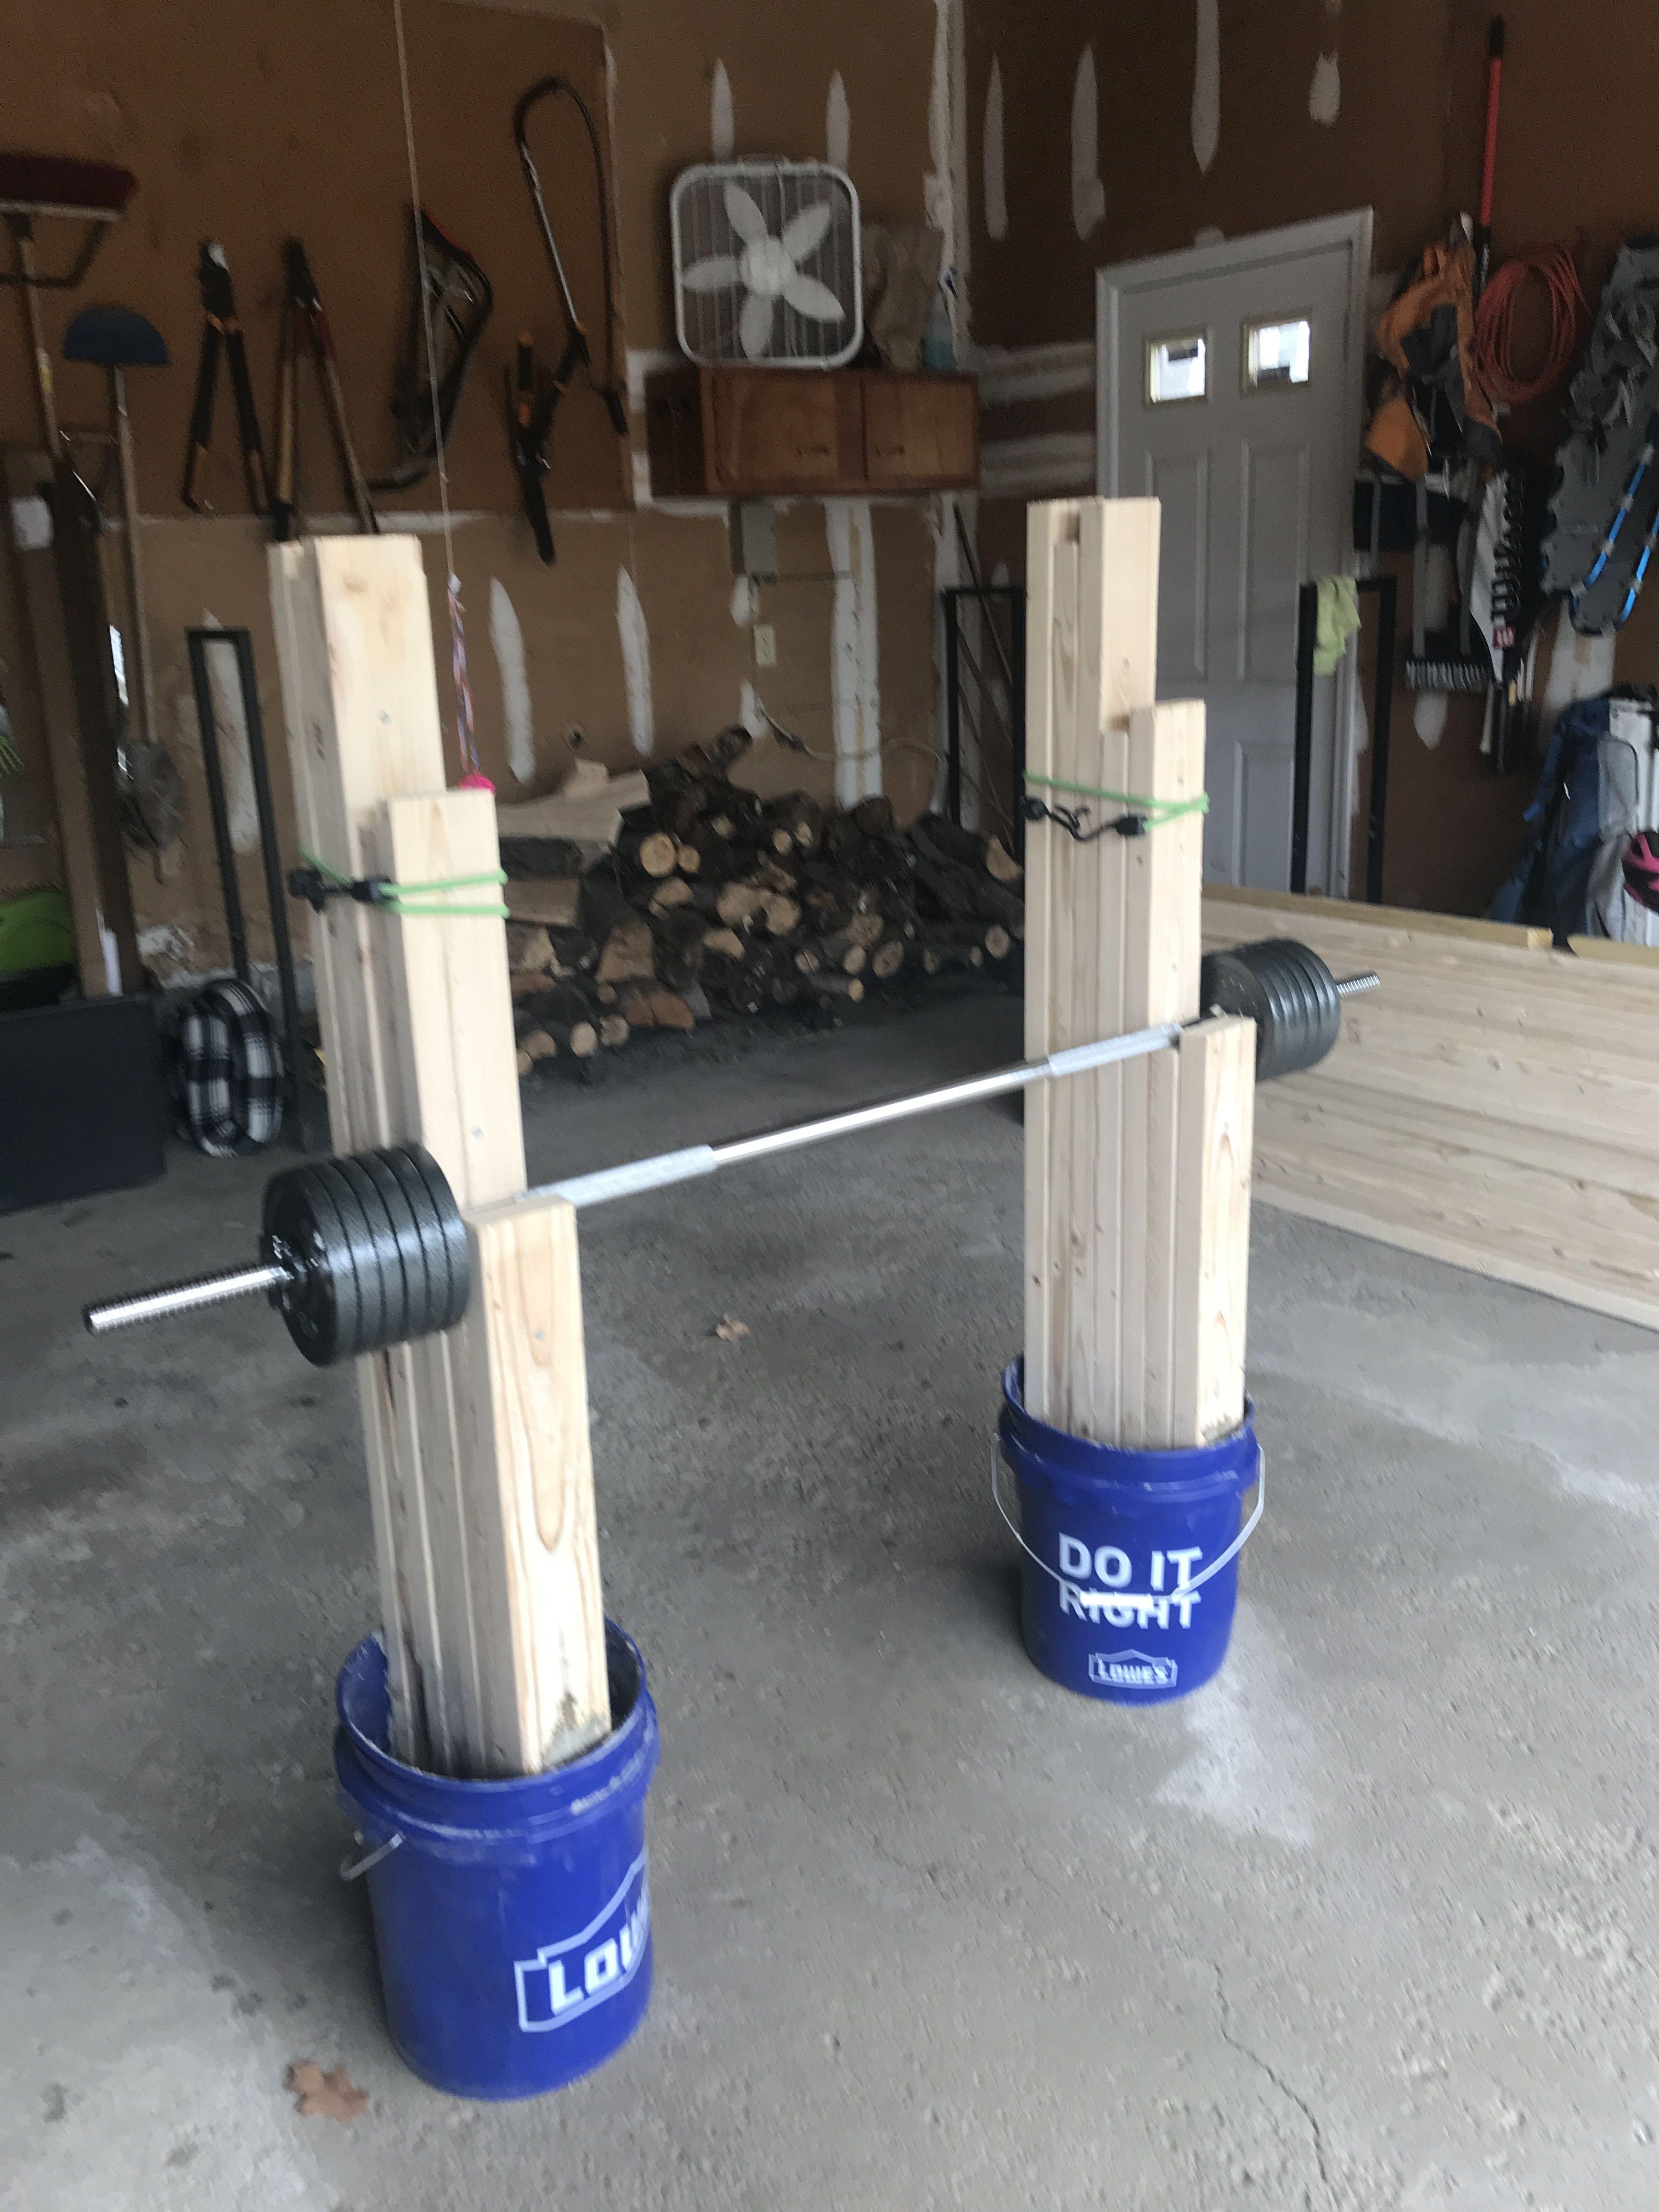 Diy Squat Rack In 2020 Squat Rack Diy Squat Rack Diy Bench